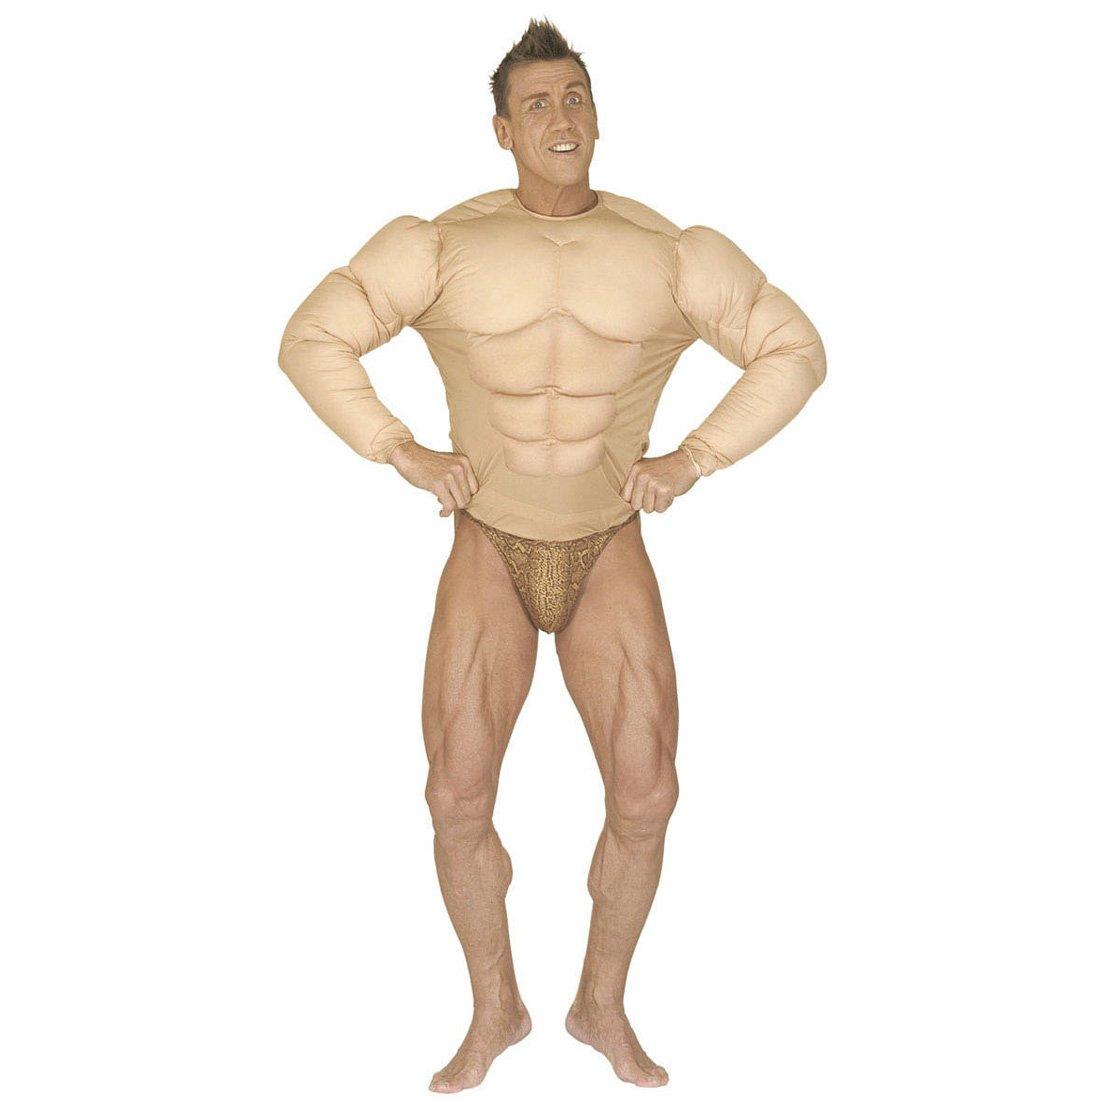 Fantastisch Oberkörper Muskel Fotos - Menschliche Anatomie Bilder ...